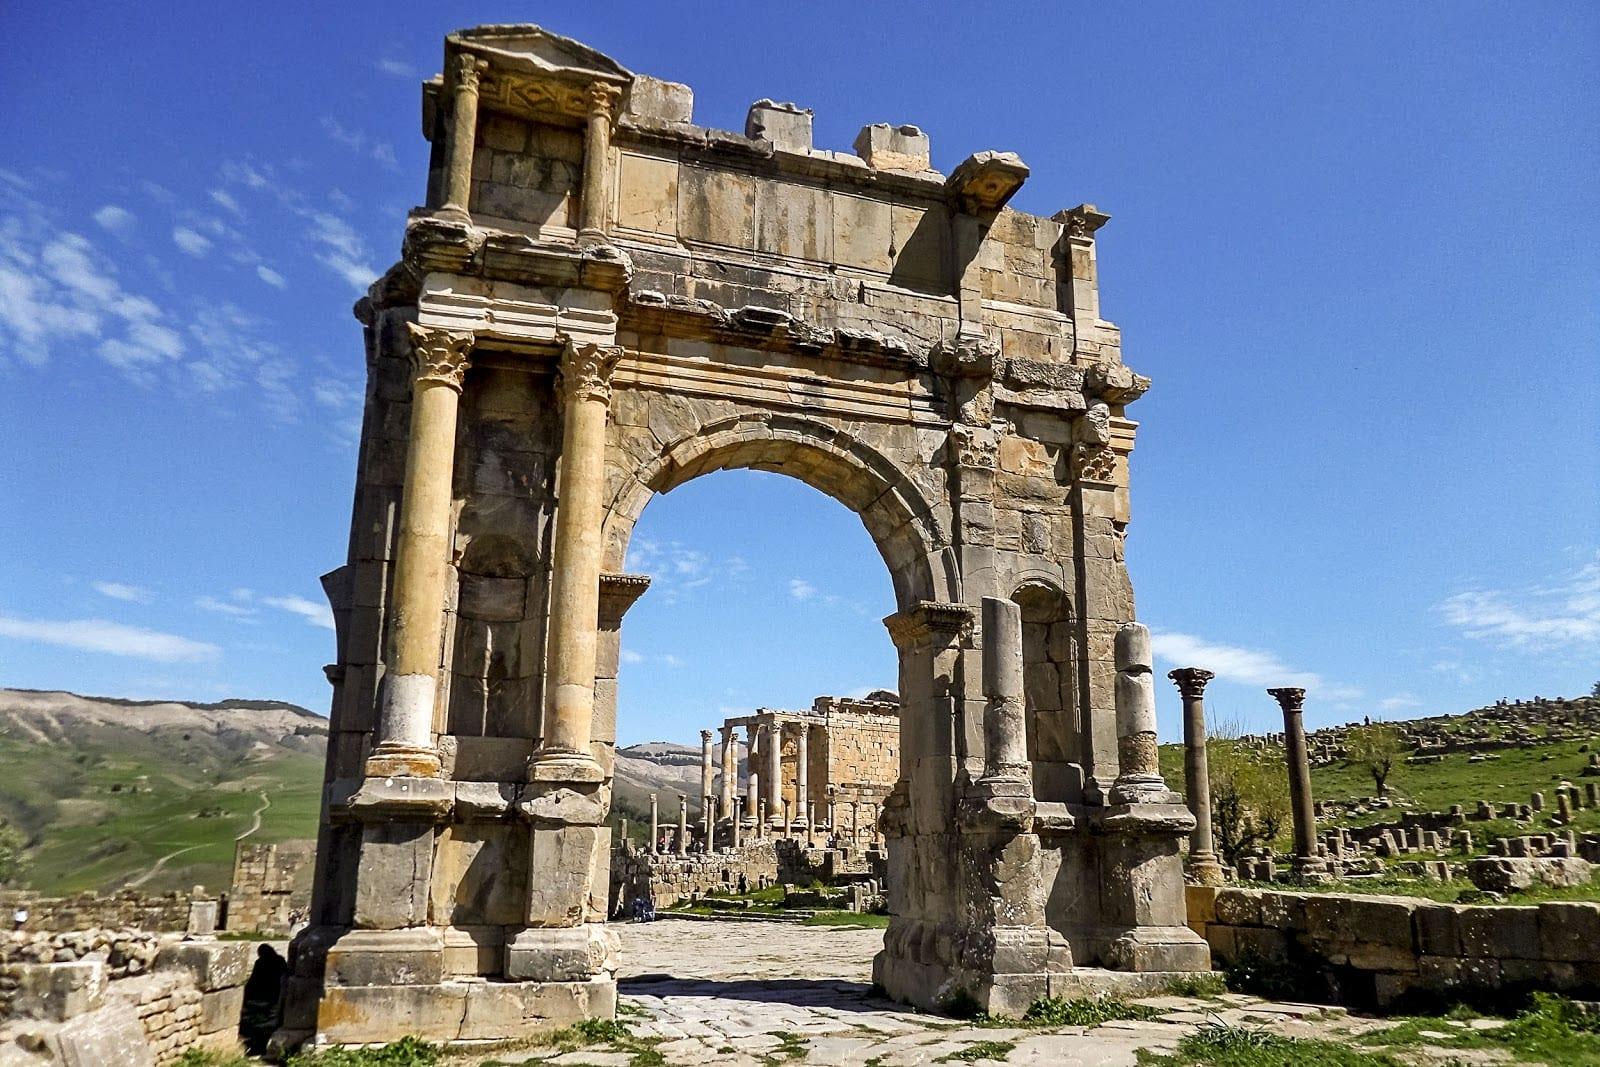 du lịch algeria, tour du lịch algeria, kinh nghiệm du lịch algeria, du lịch tại algeria, du lịch ở algeria, du lịch algeria có gì hay